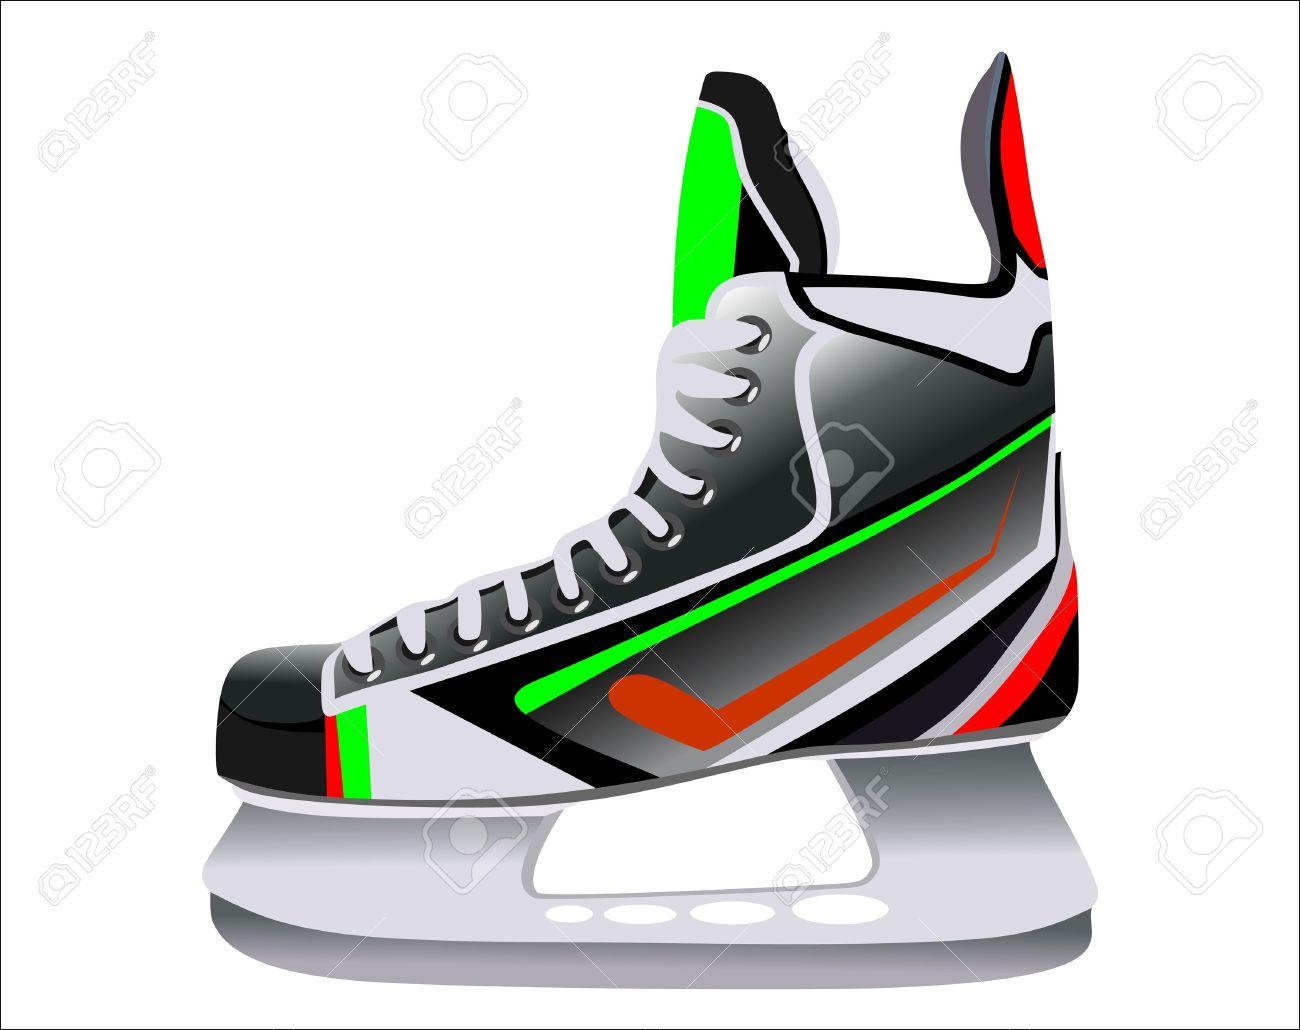 1300x1030 Blade Clipart Hockey Skate